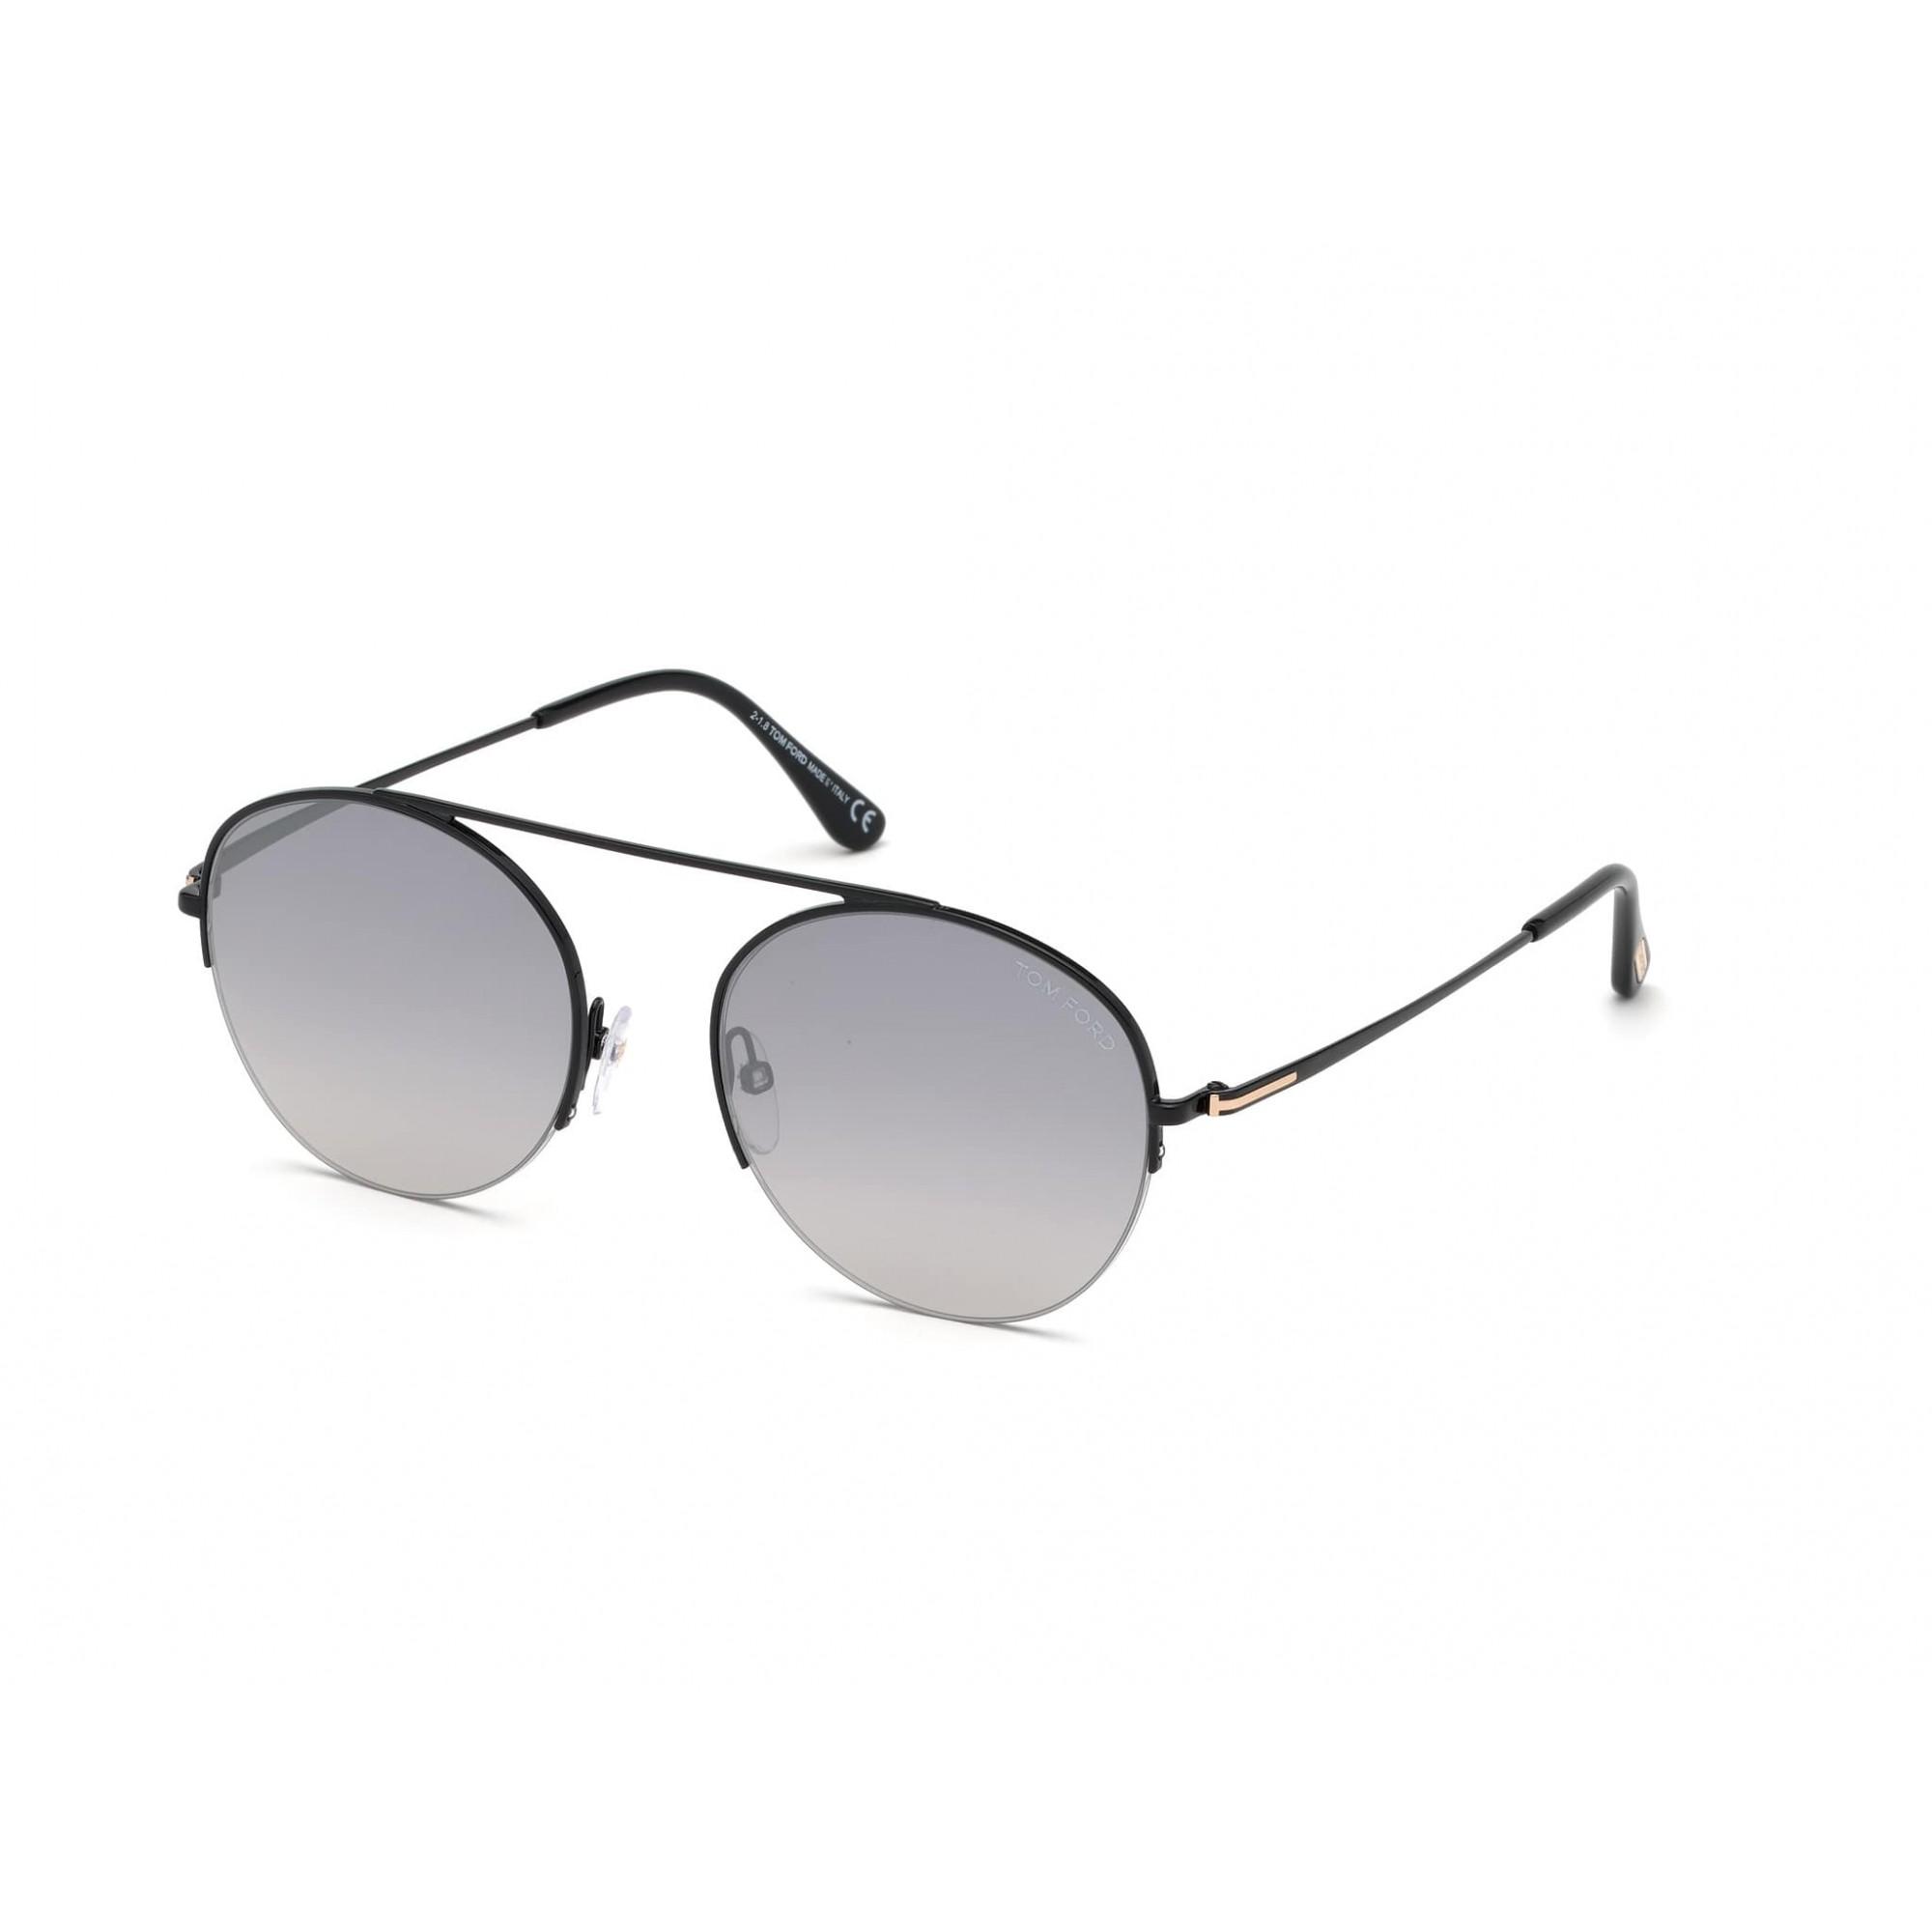 Tom Ford - FT0668 01C 54 - Óculos de sol